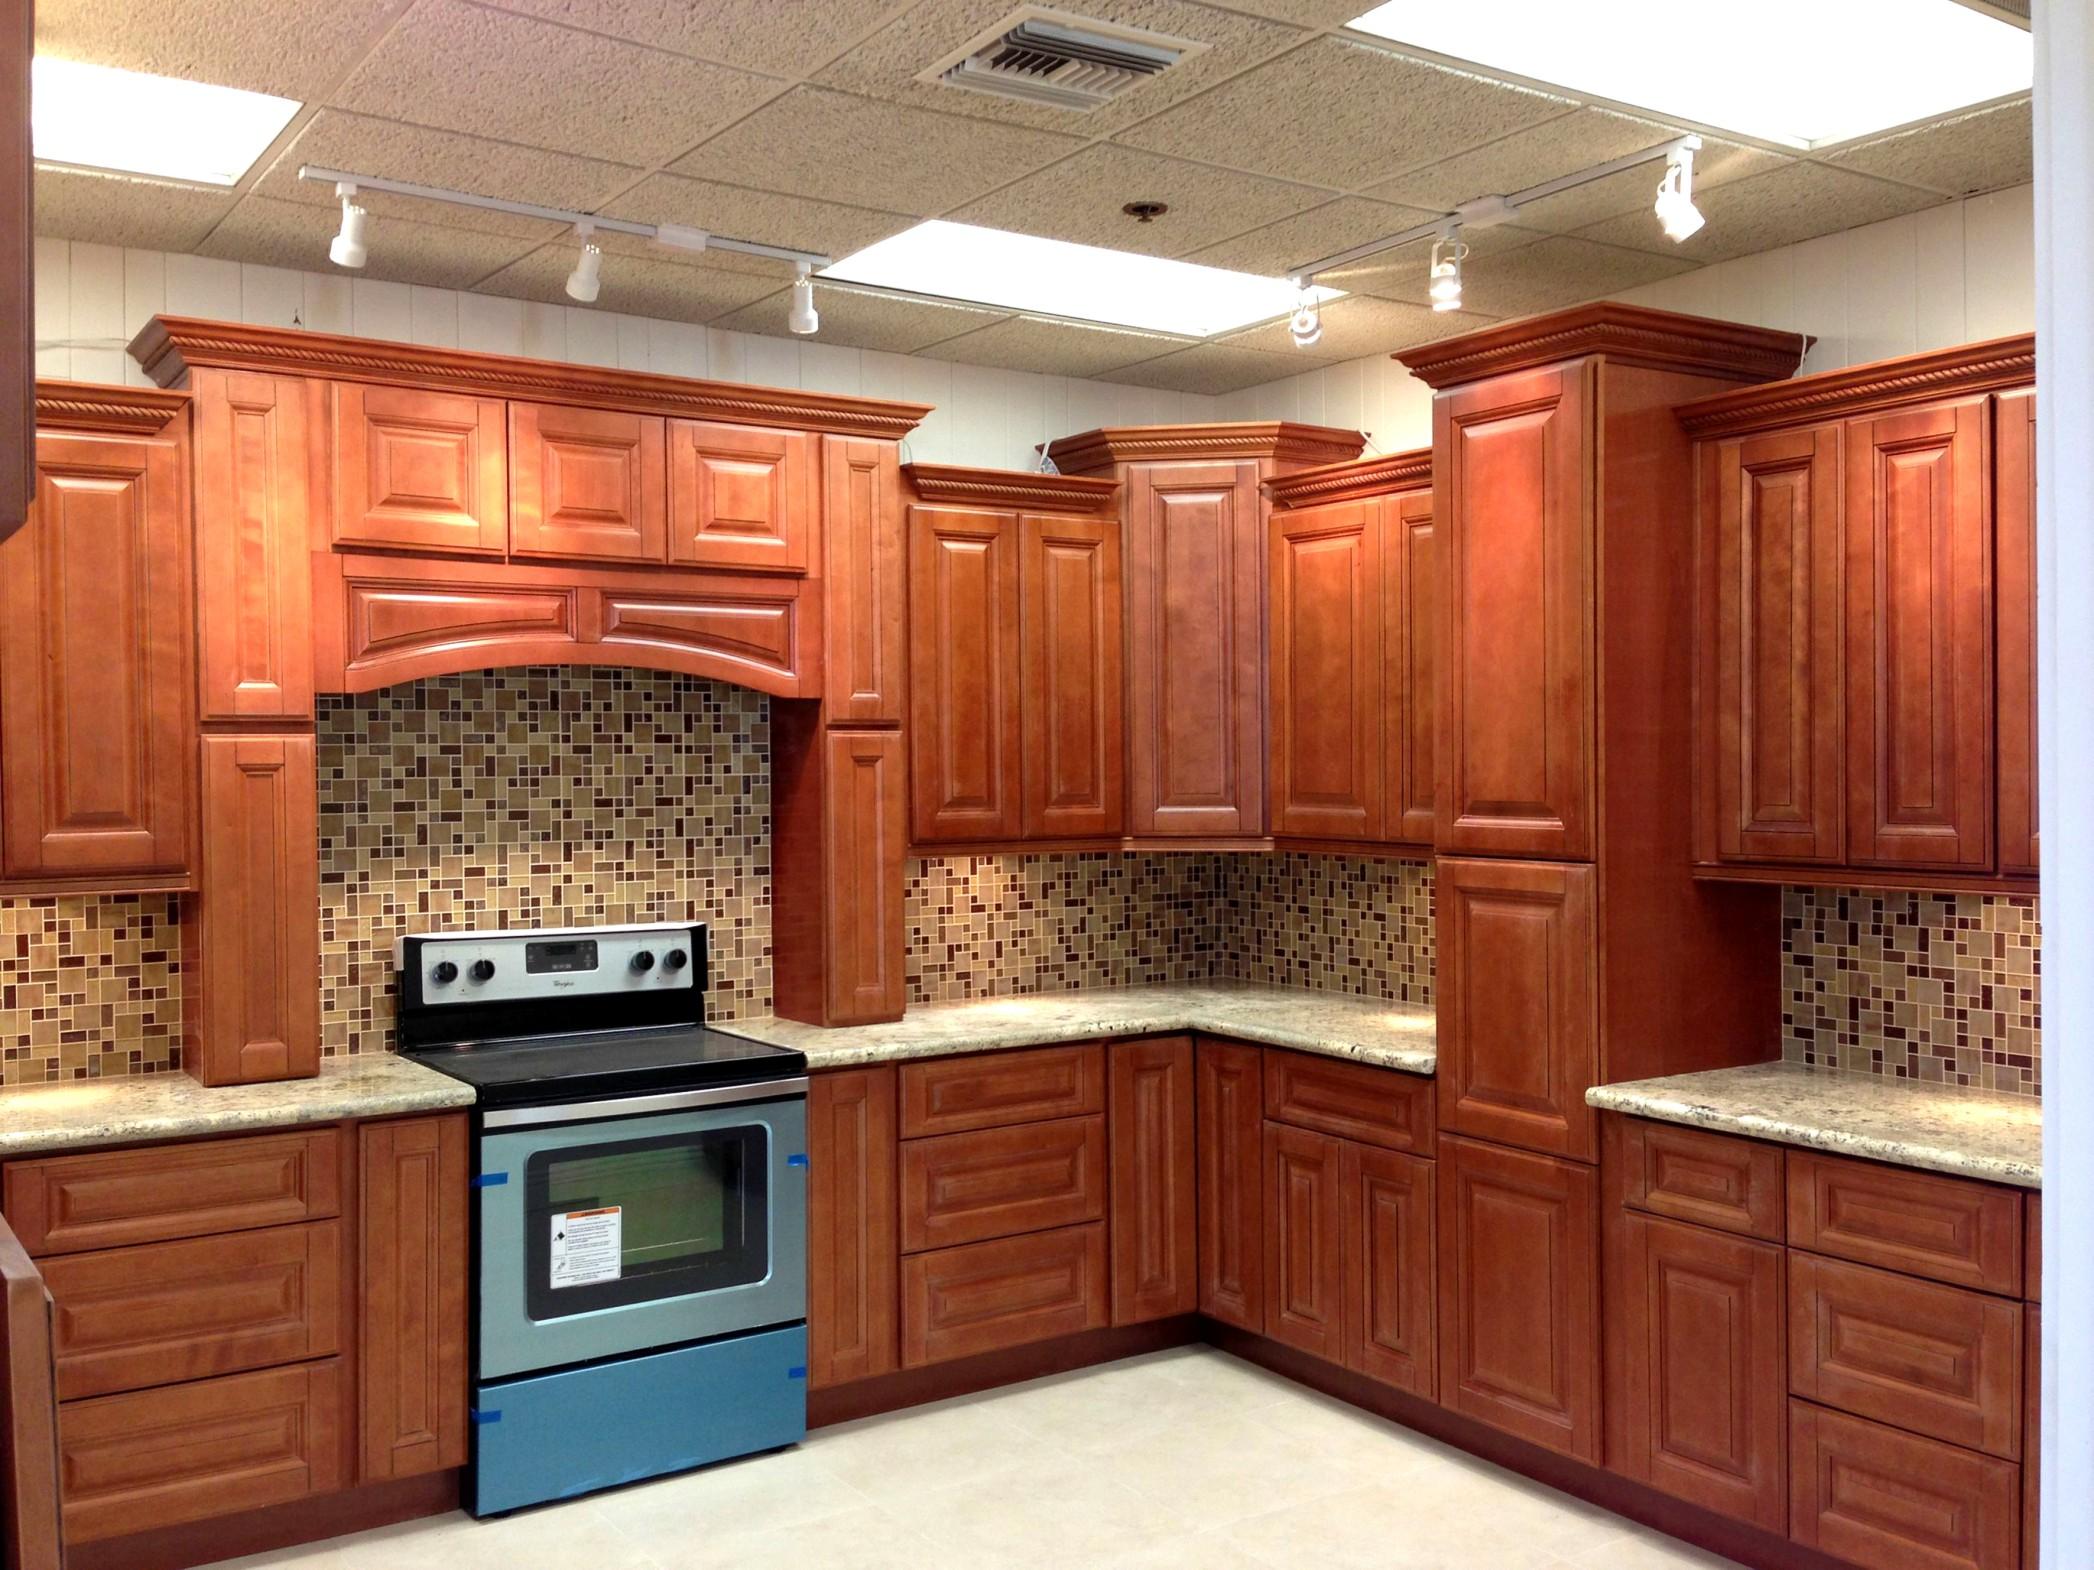 Apex Kitchen Cabinet and Granite Countertop image 9